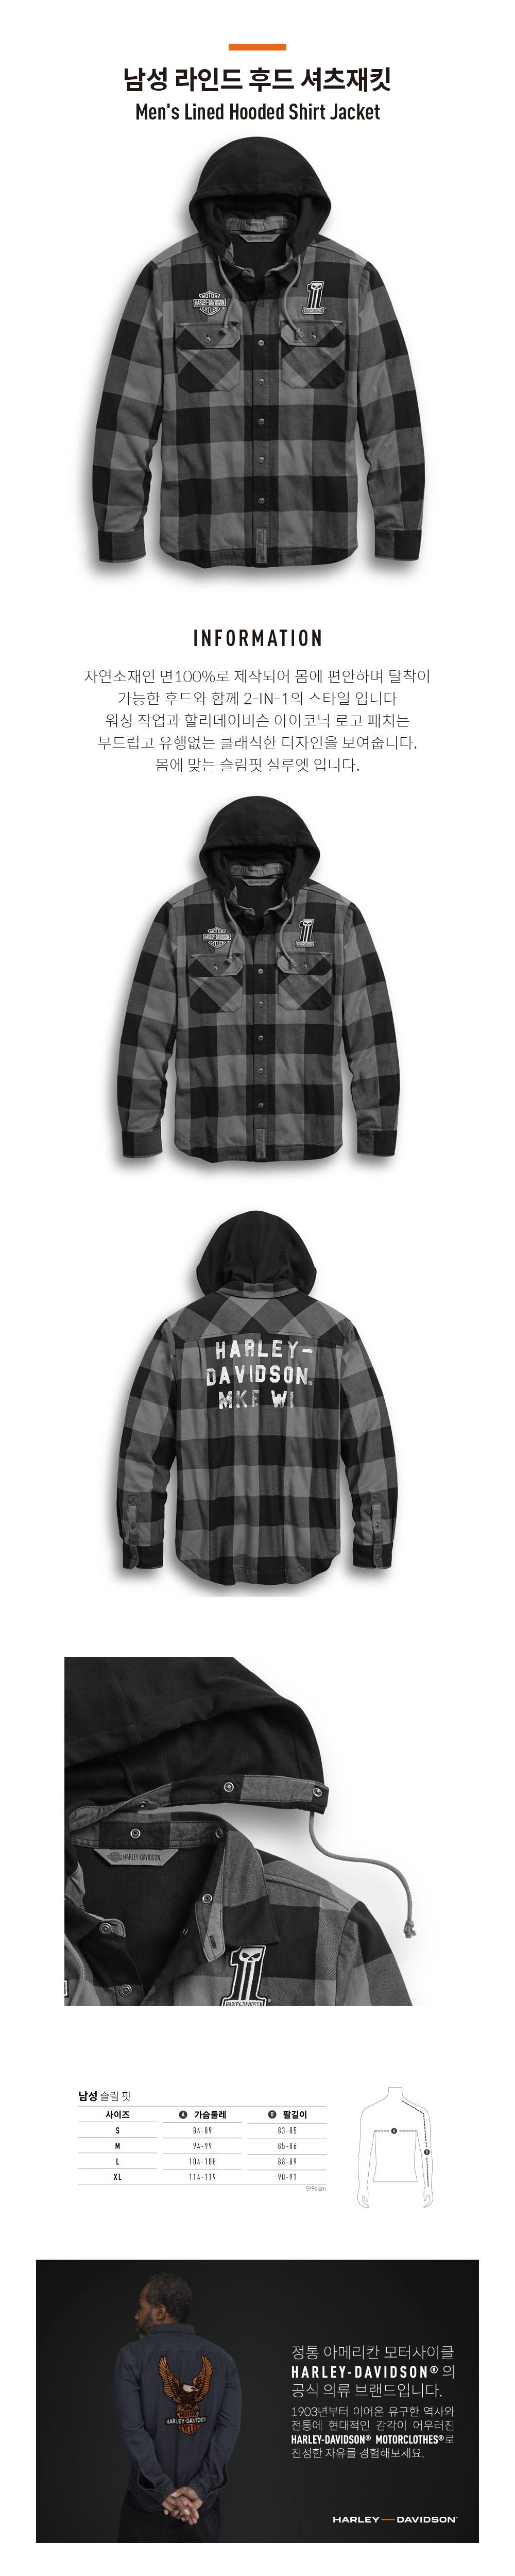 남성 라인드 후드 셔츠재킷